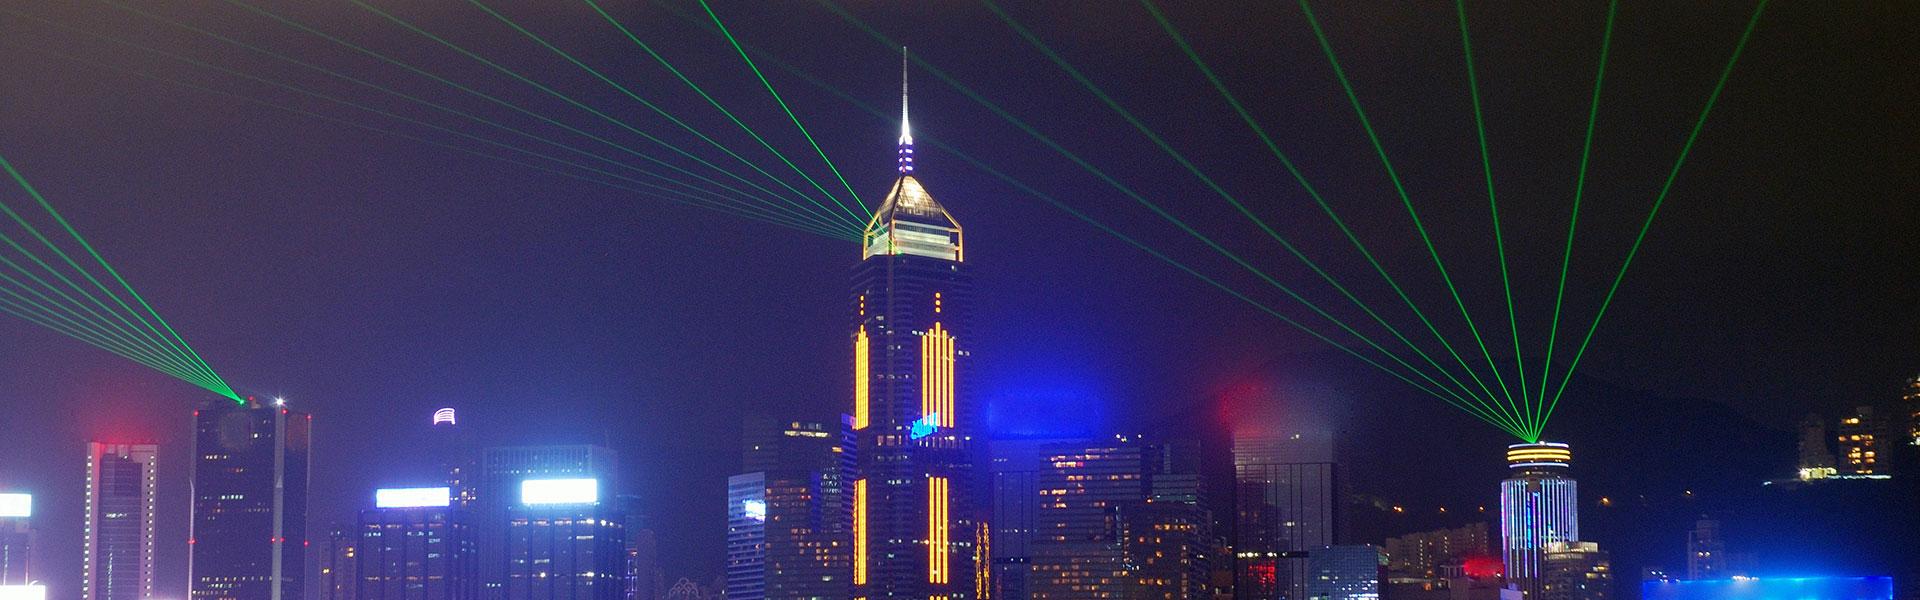 晚上的灯光演出与香港高楼美景